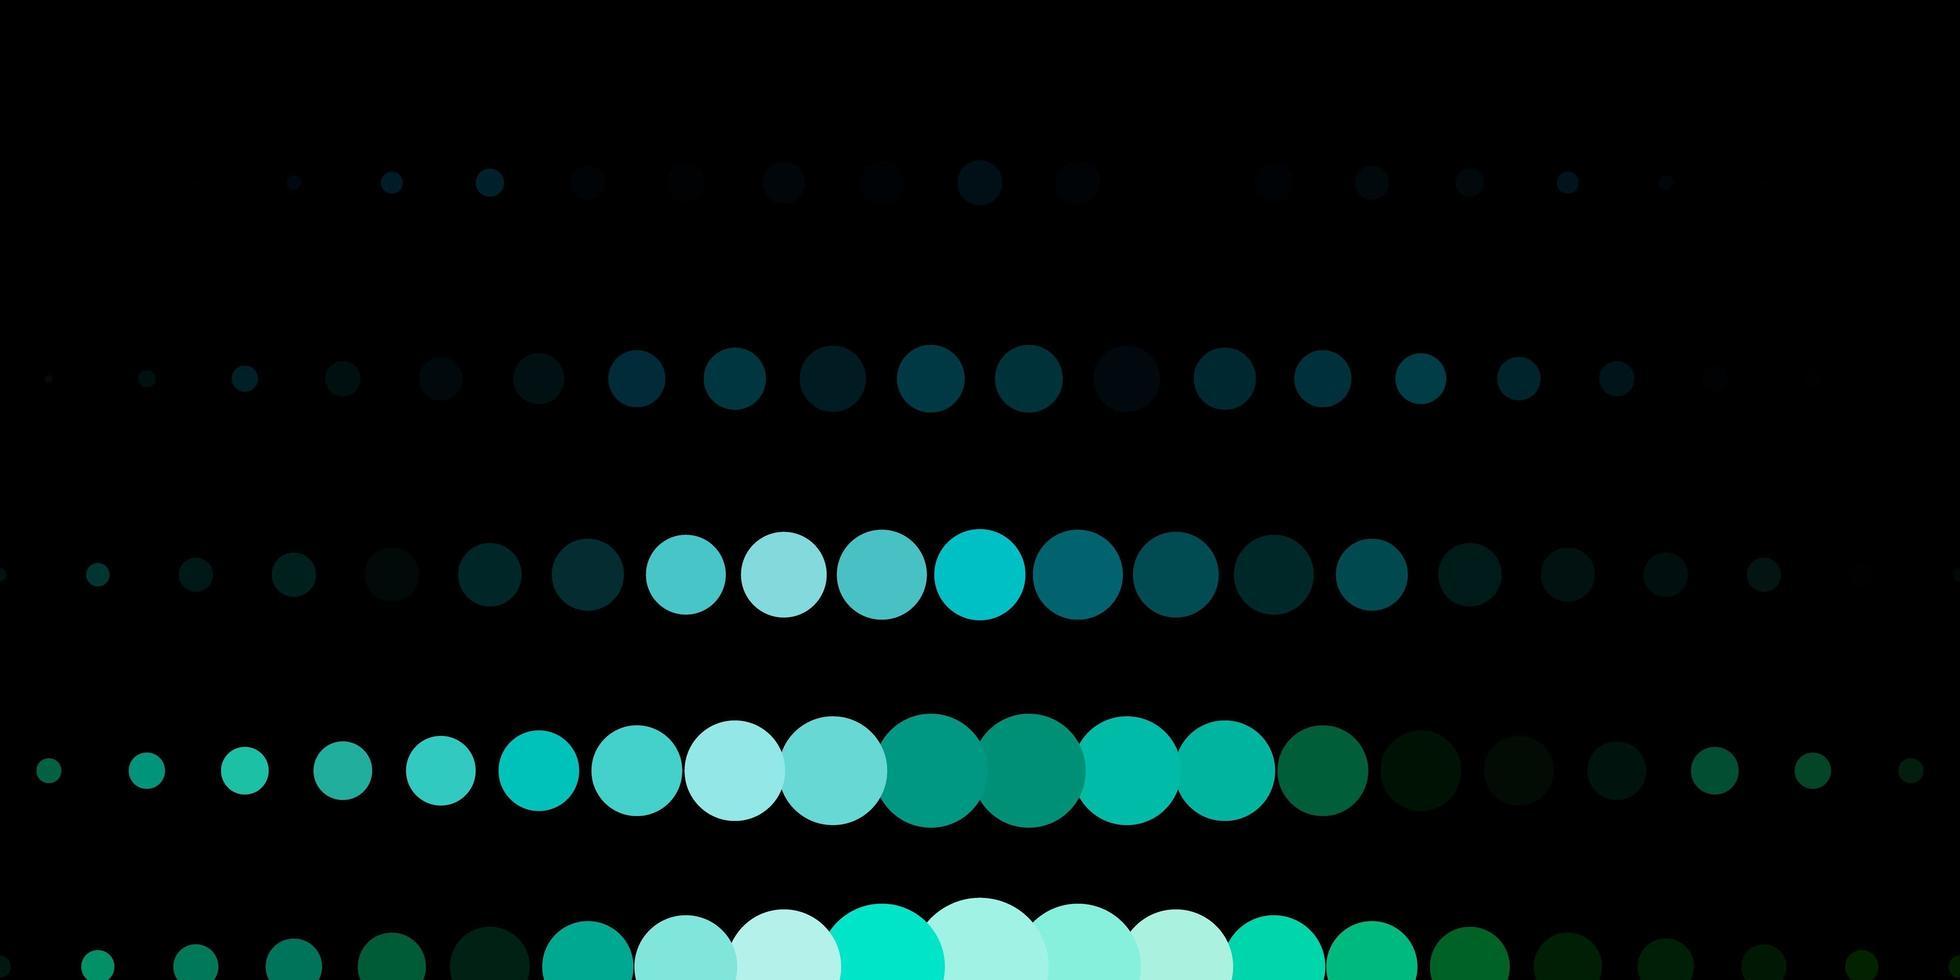 toile de fond de vecteur bleu foncé, vert avec des points.